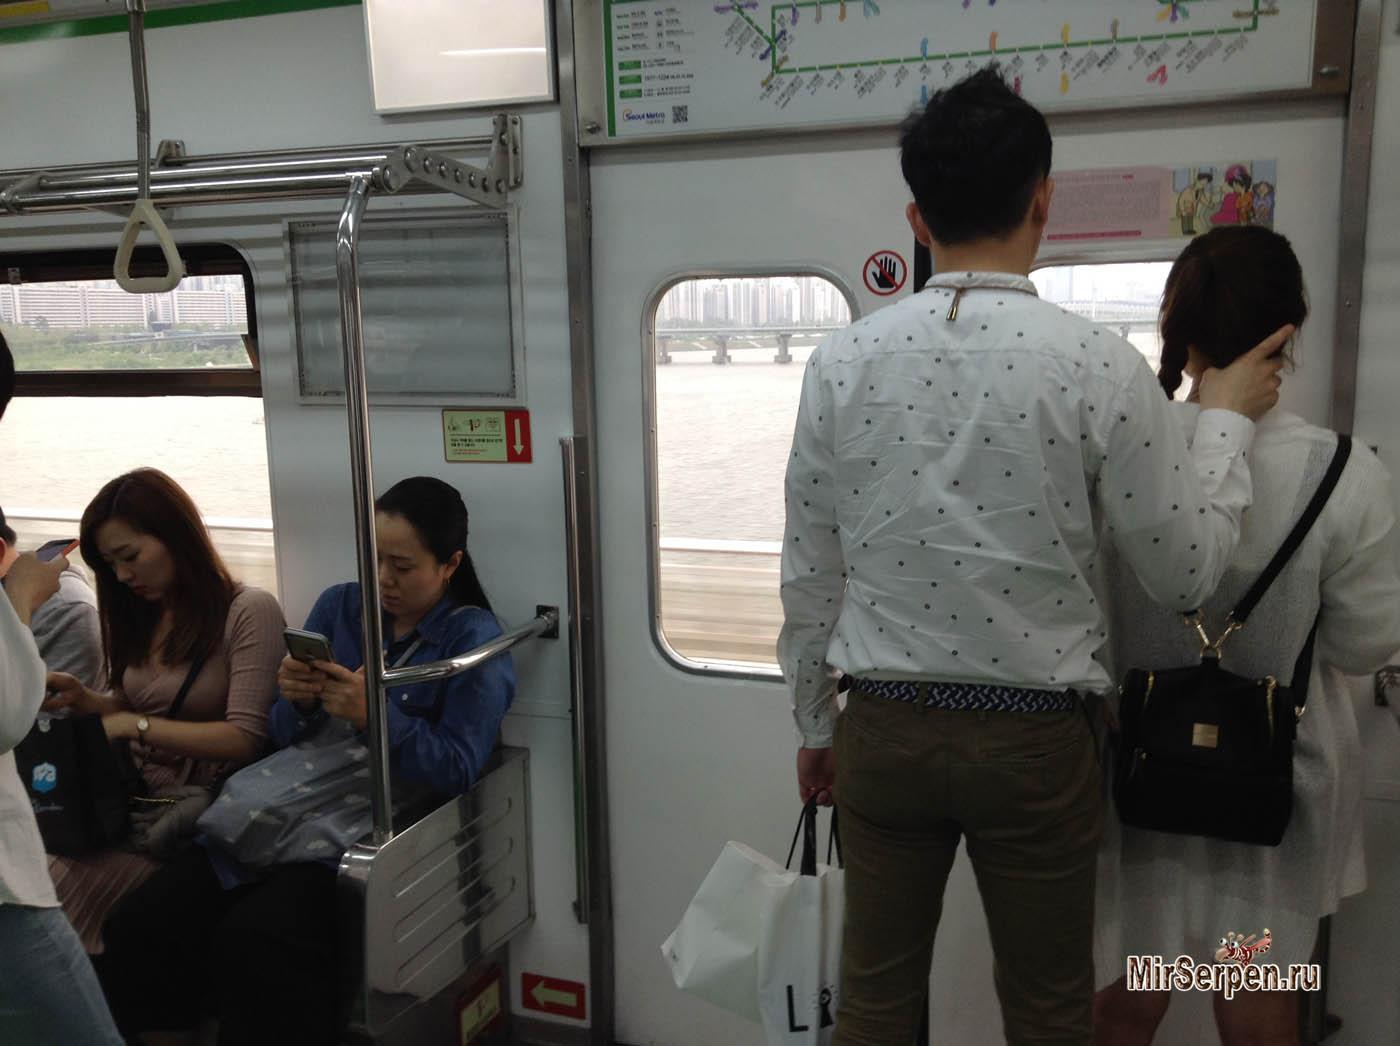 Корейские обычаи: Слегка и ласково... придушить?